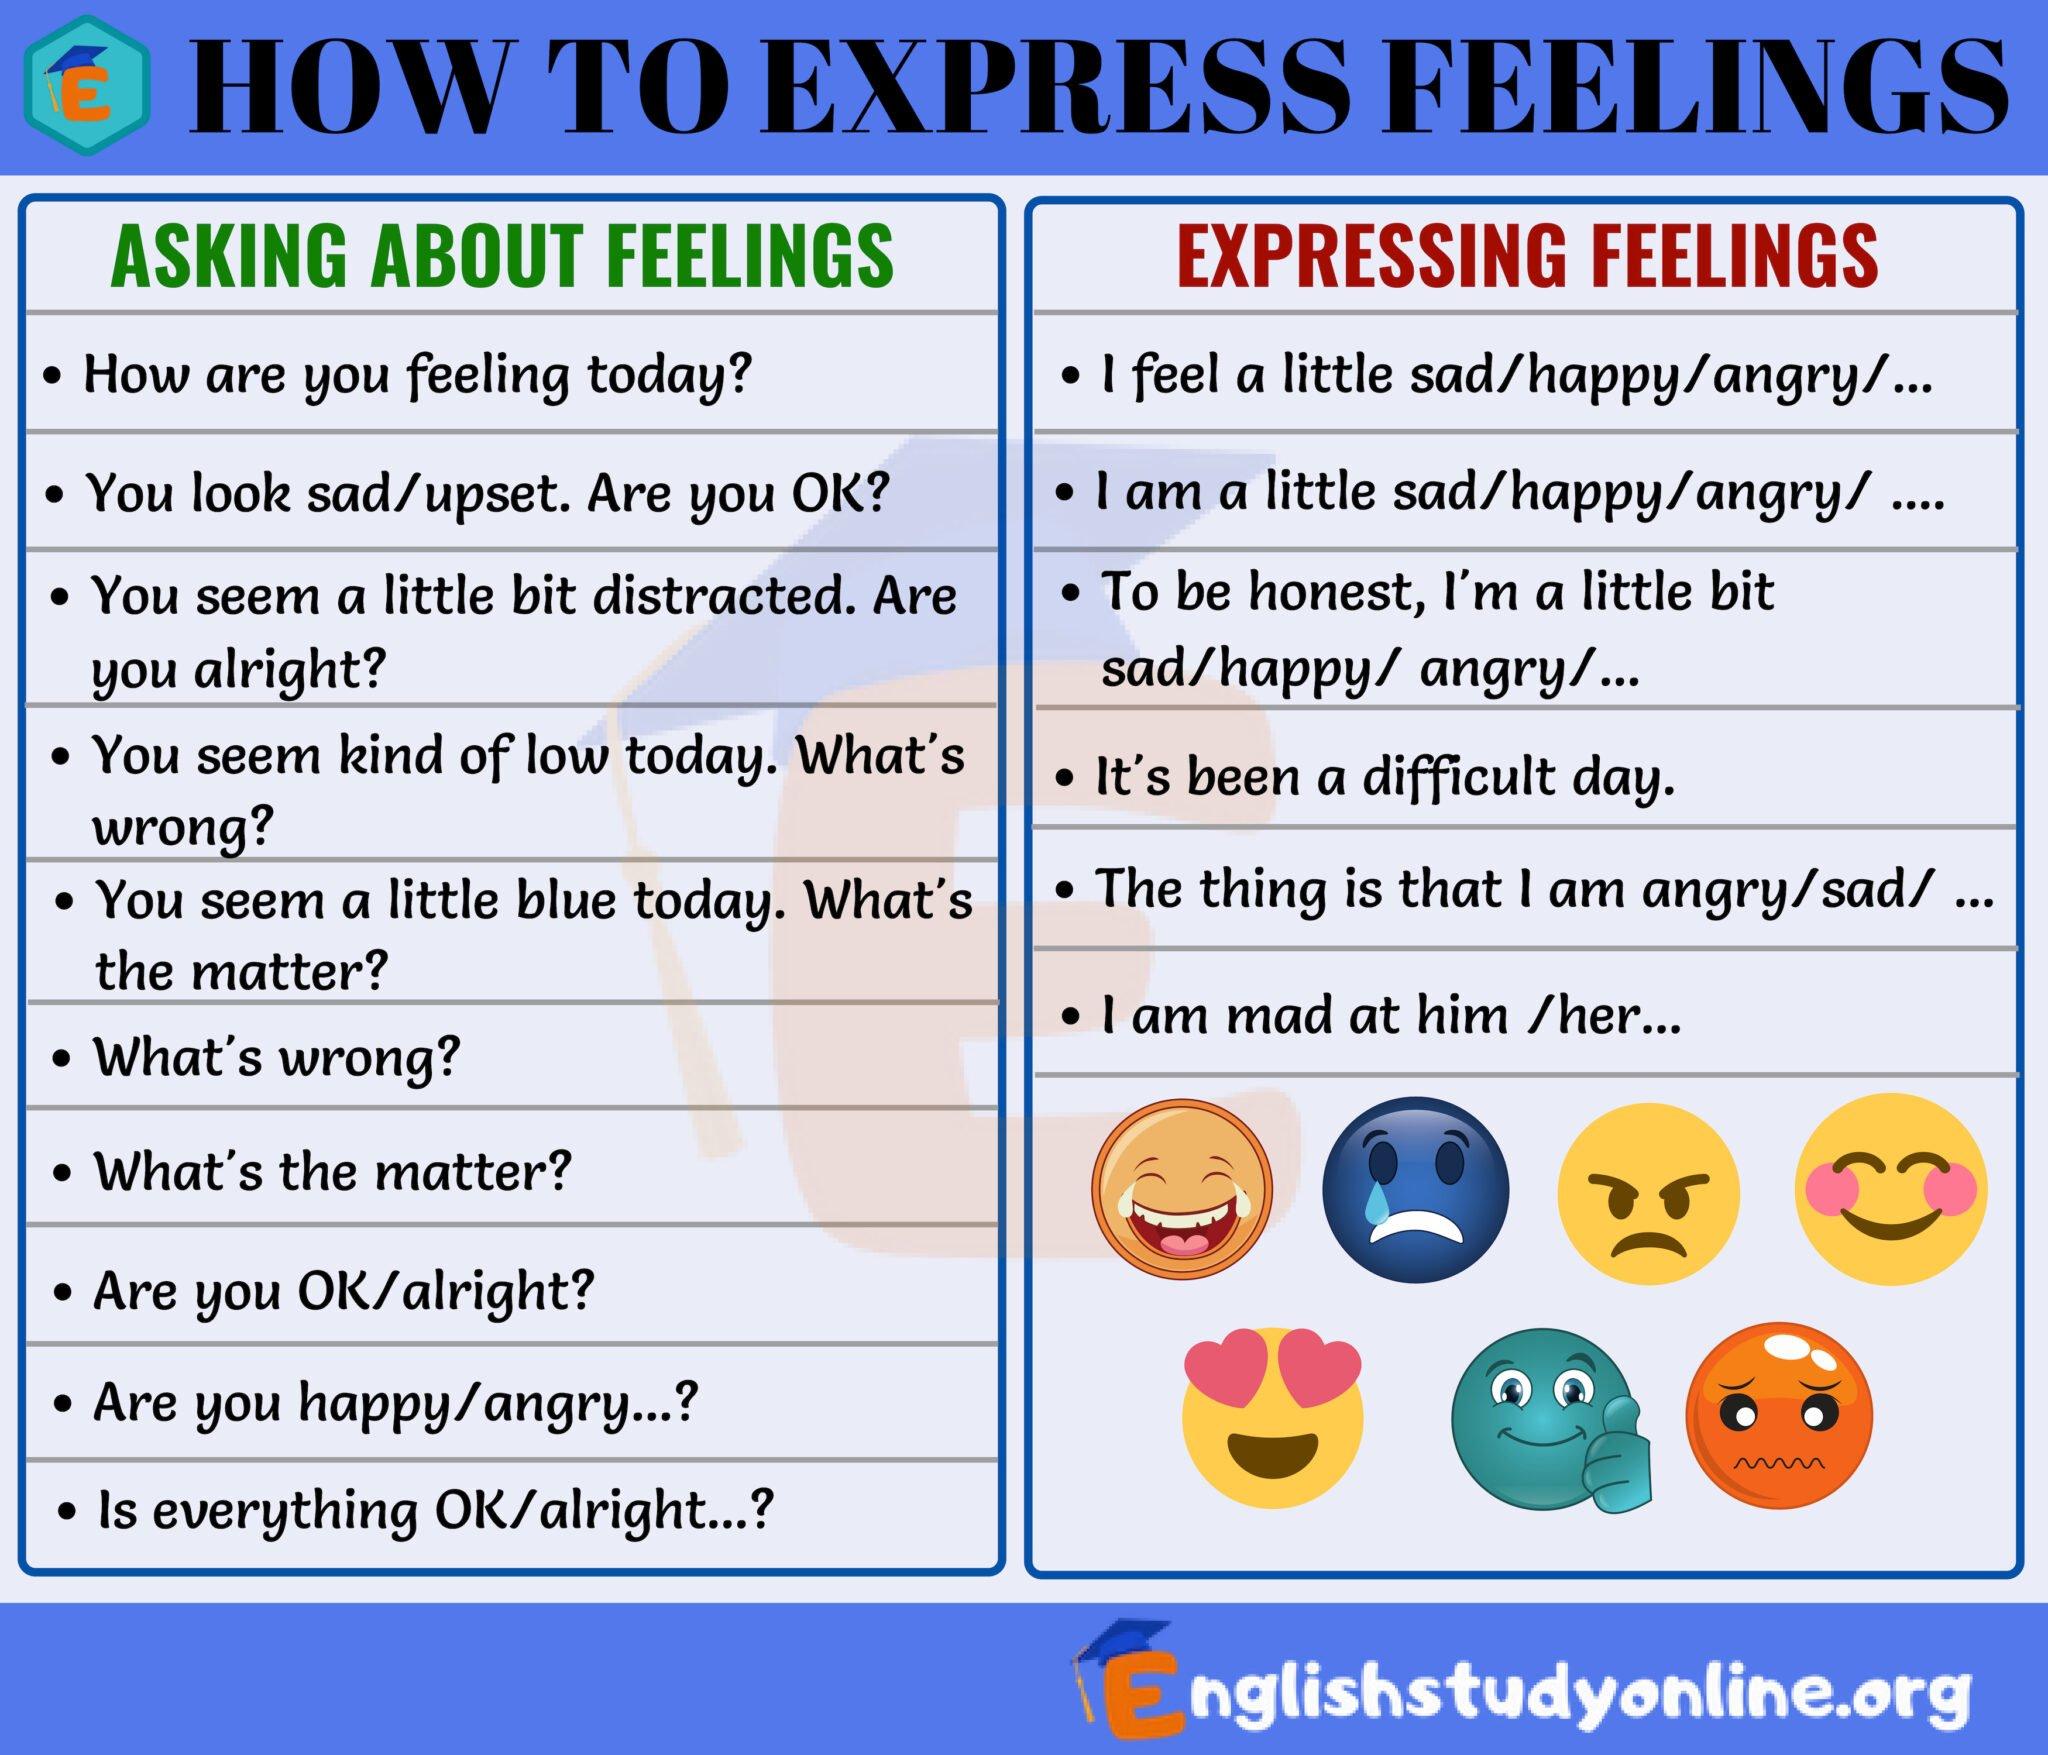 expressing feelings